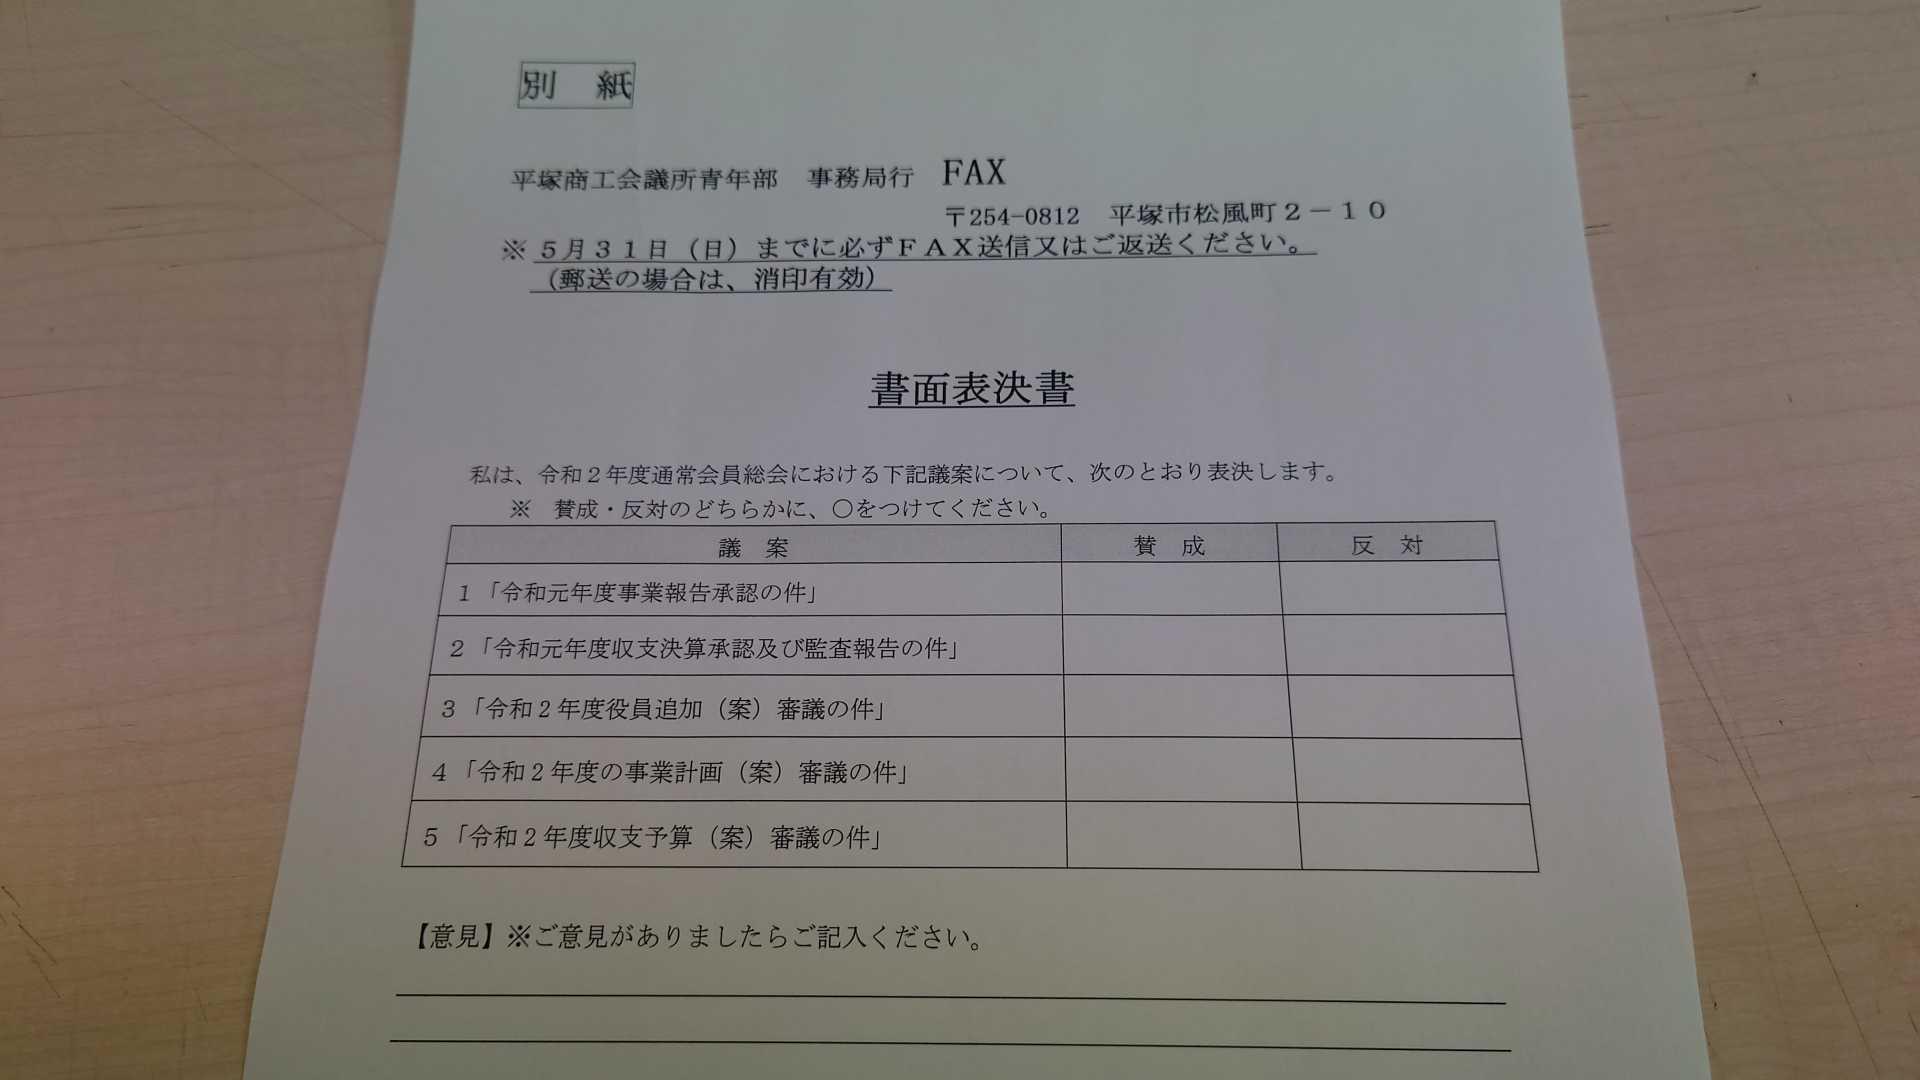 4月定例会「第31 回通常会員総会」